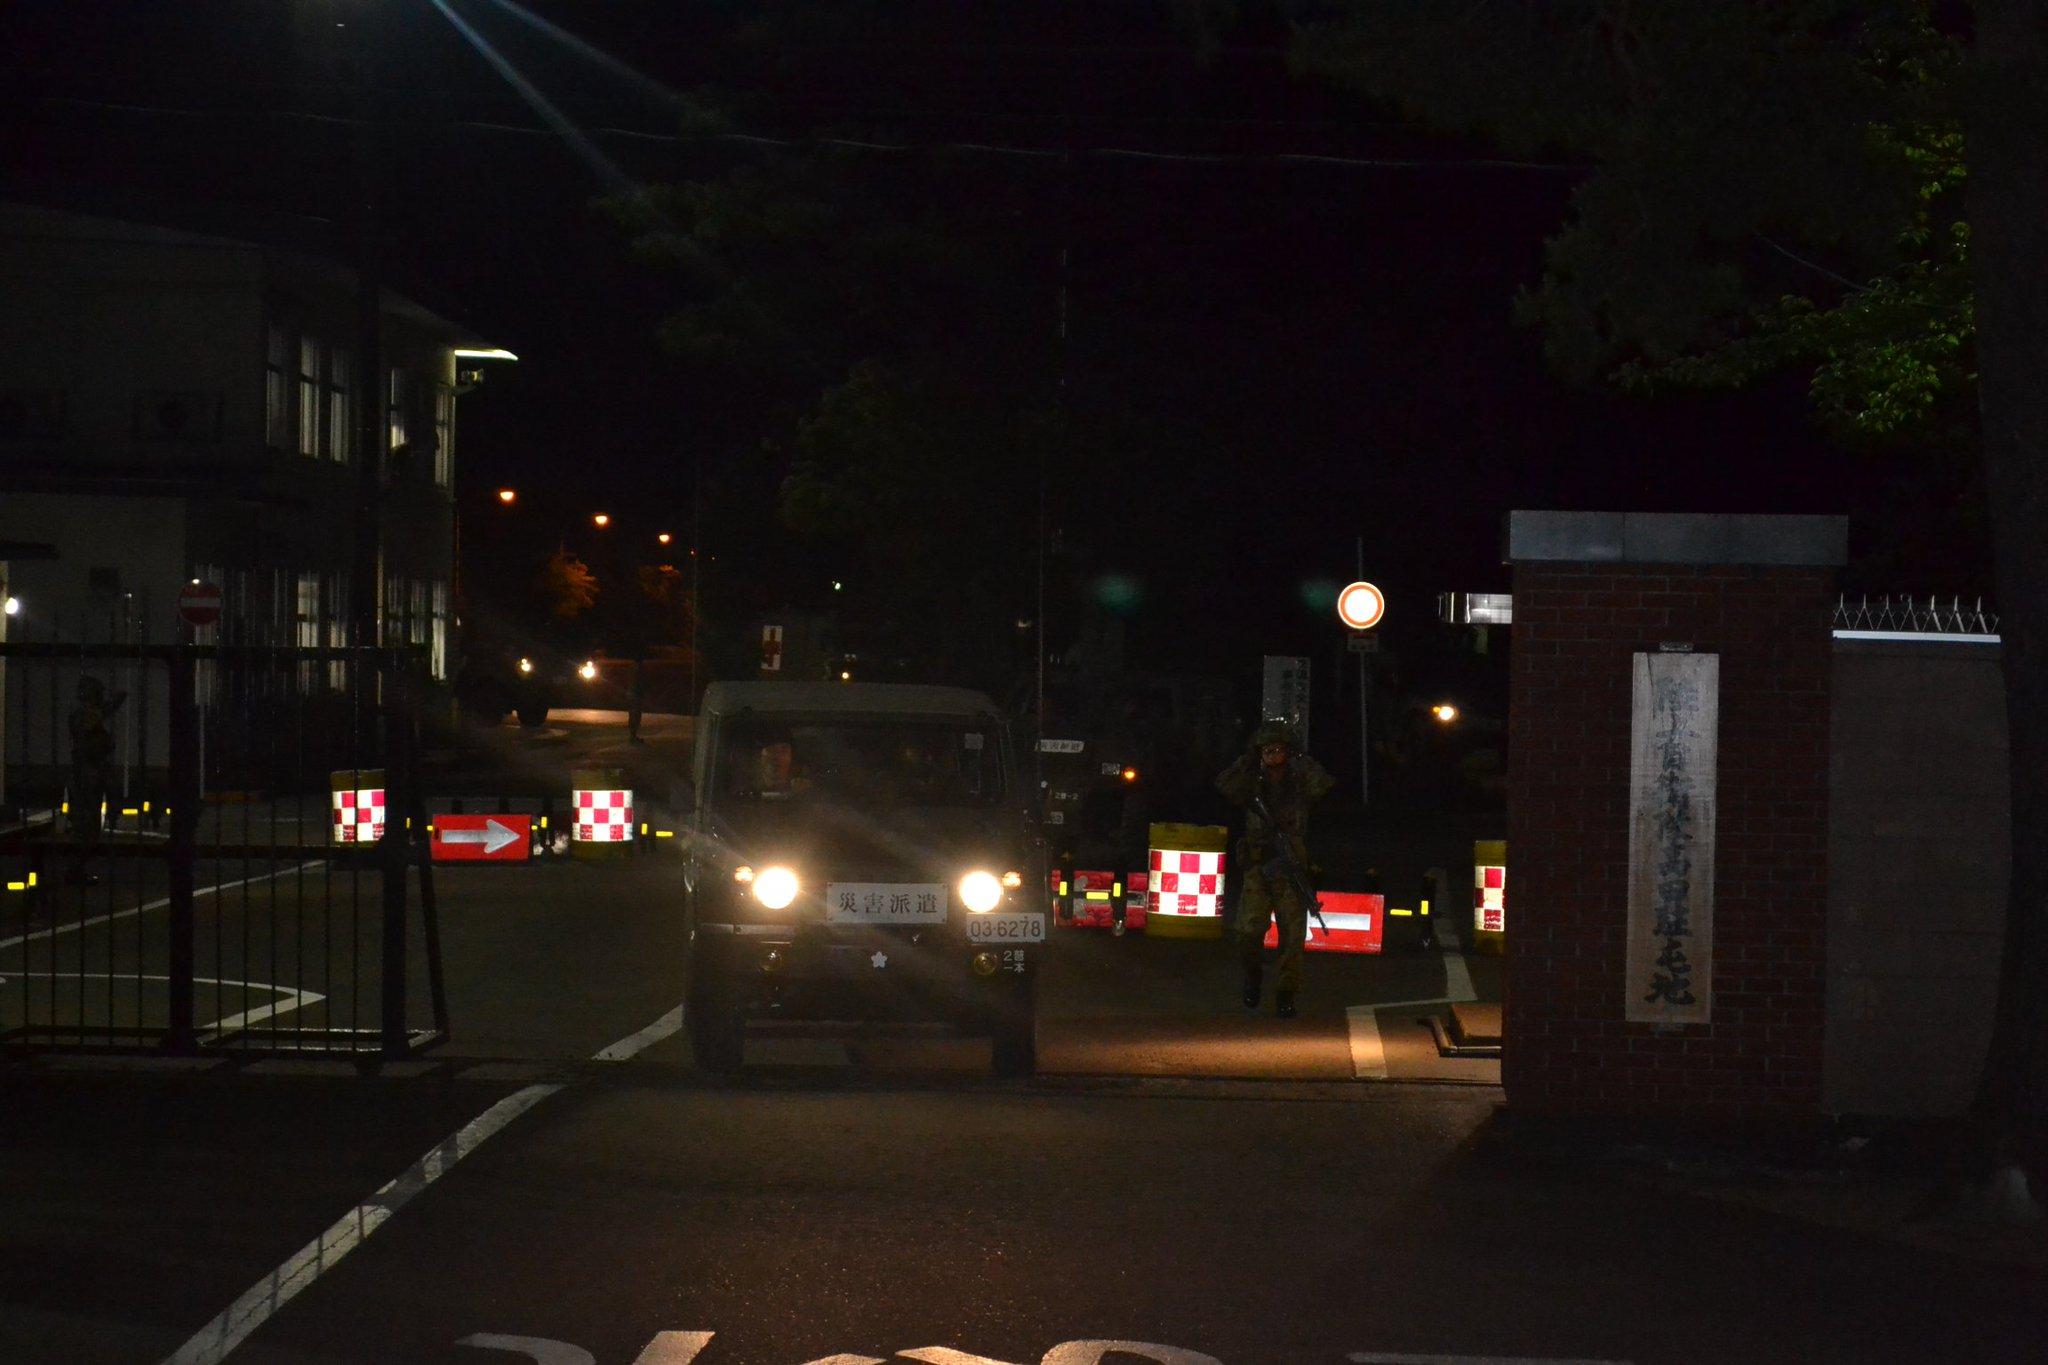 画像,東部方面隊は、6月18日(火)に新潟県で発生した震度6強の地震に際し、19日(水)00時20分第12旅団(第2普通科連隊)は、初動対処部隊を現地へ派遣しました。…